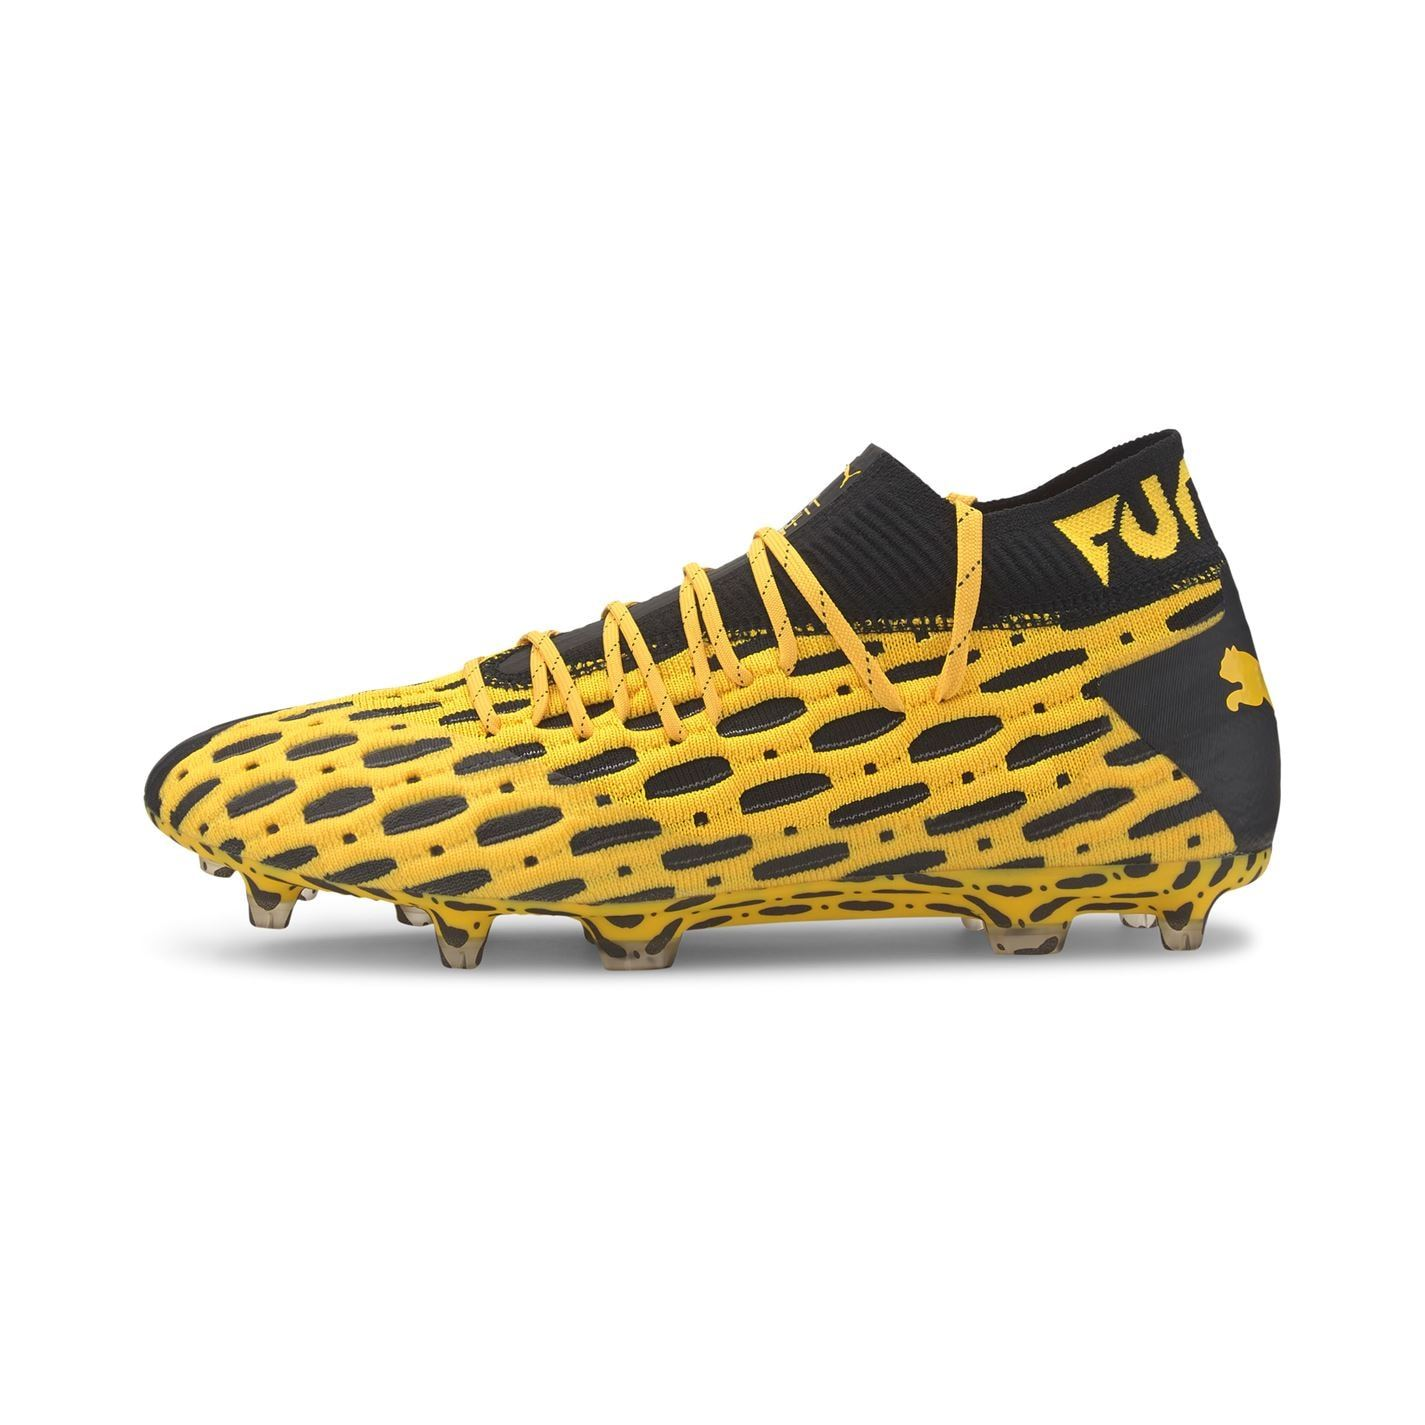 miniature 4 - Puma Future 5.1 Homme FG Firm Ground Chaussures De Football Chaussures de Foot Crampons Baskets